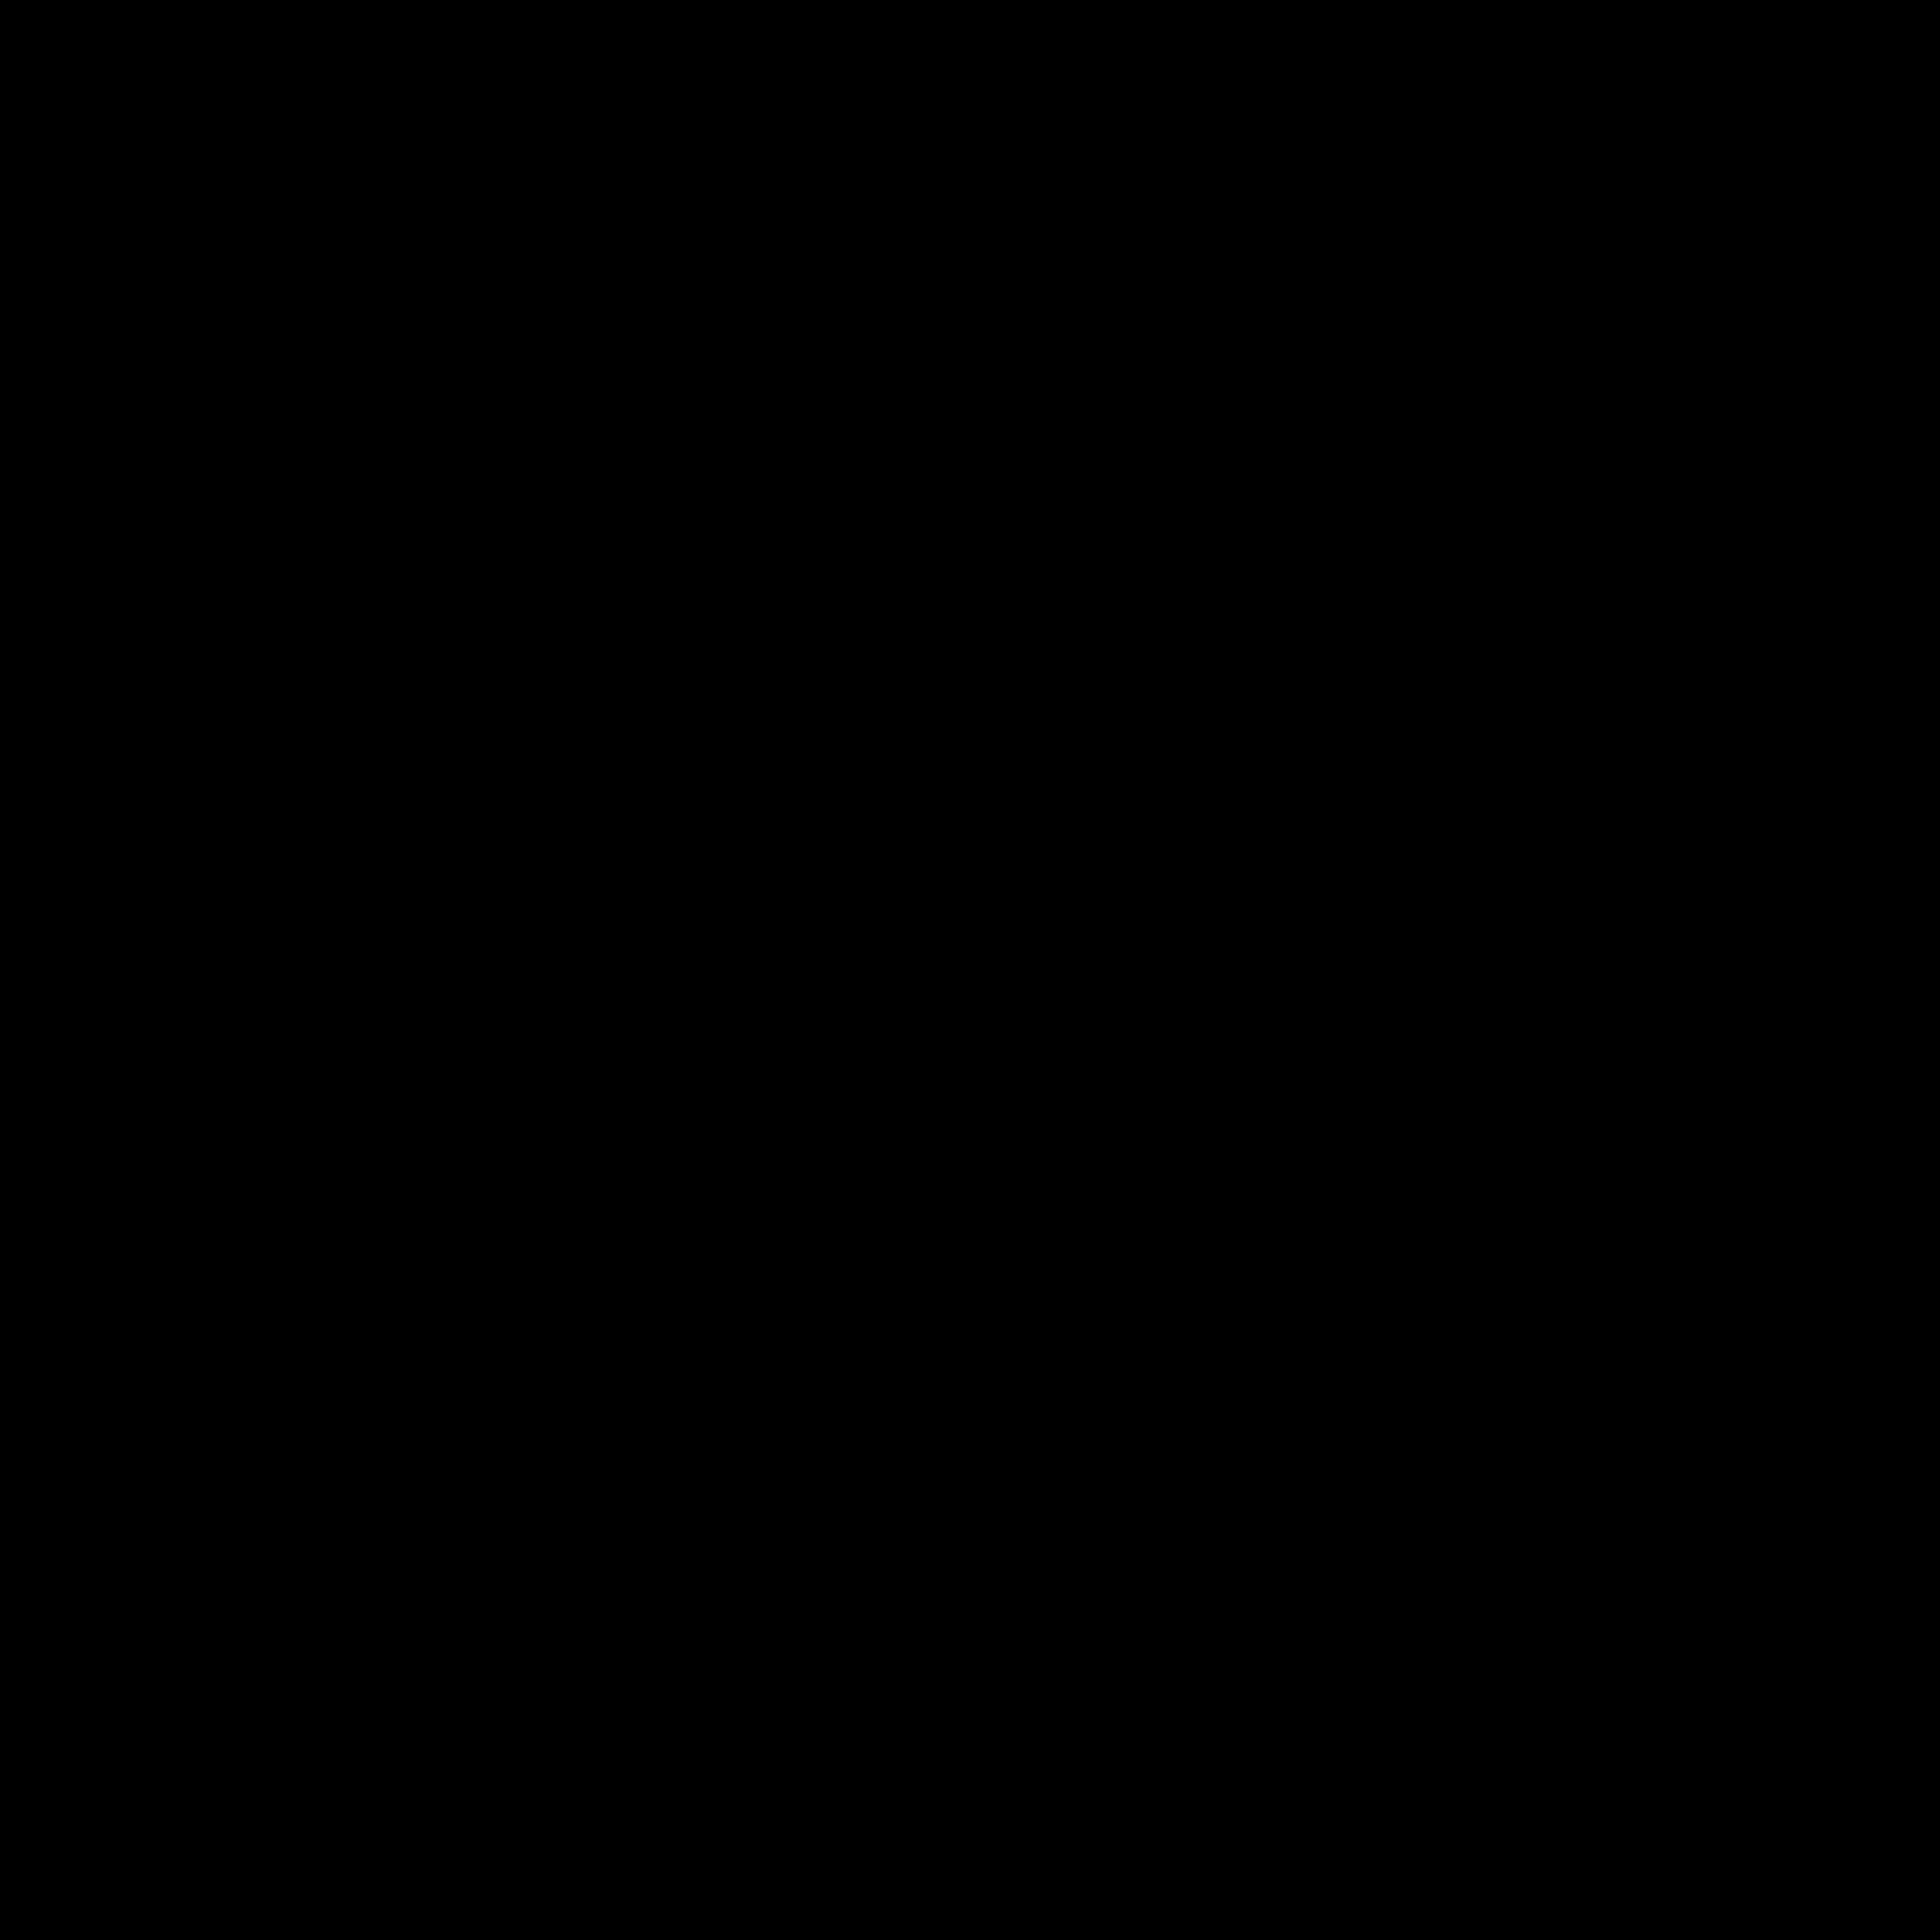 Icon clipart trumpet icon